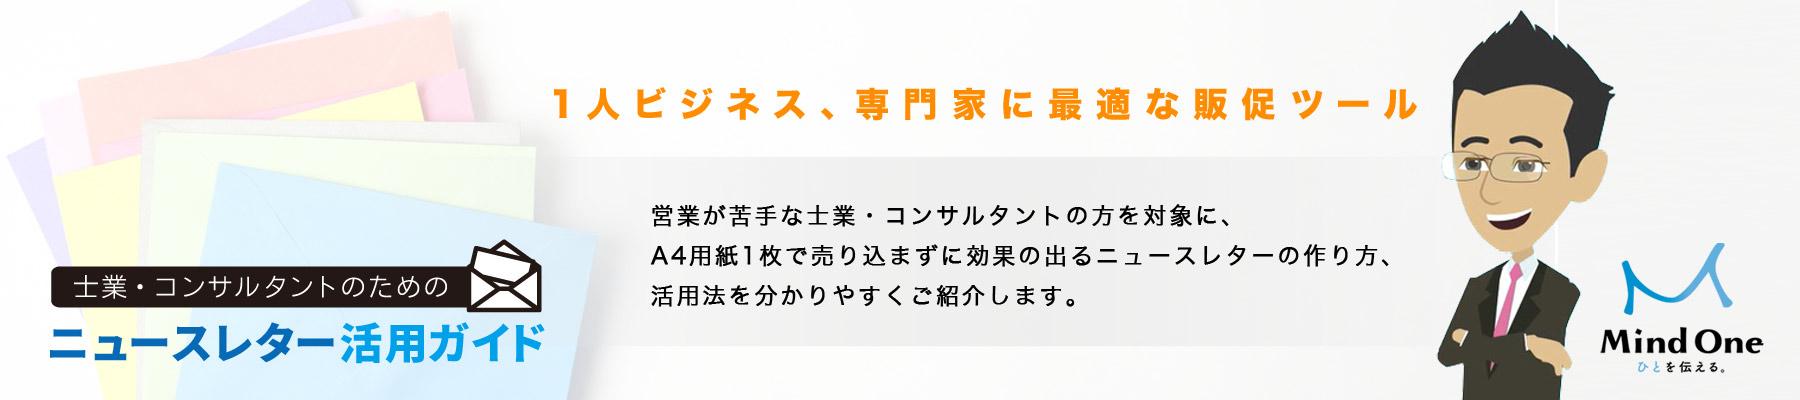 » 士業・コンサルタント向け情報